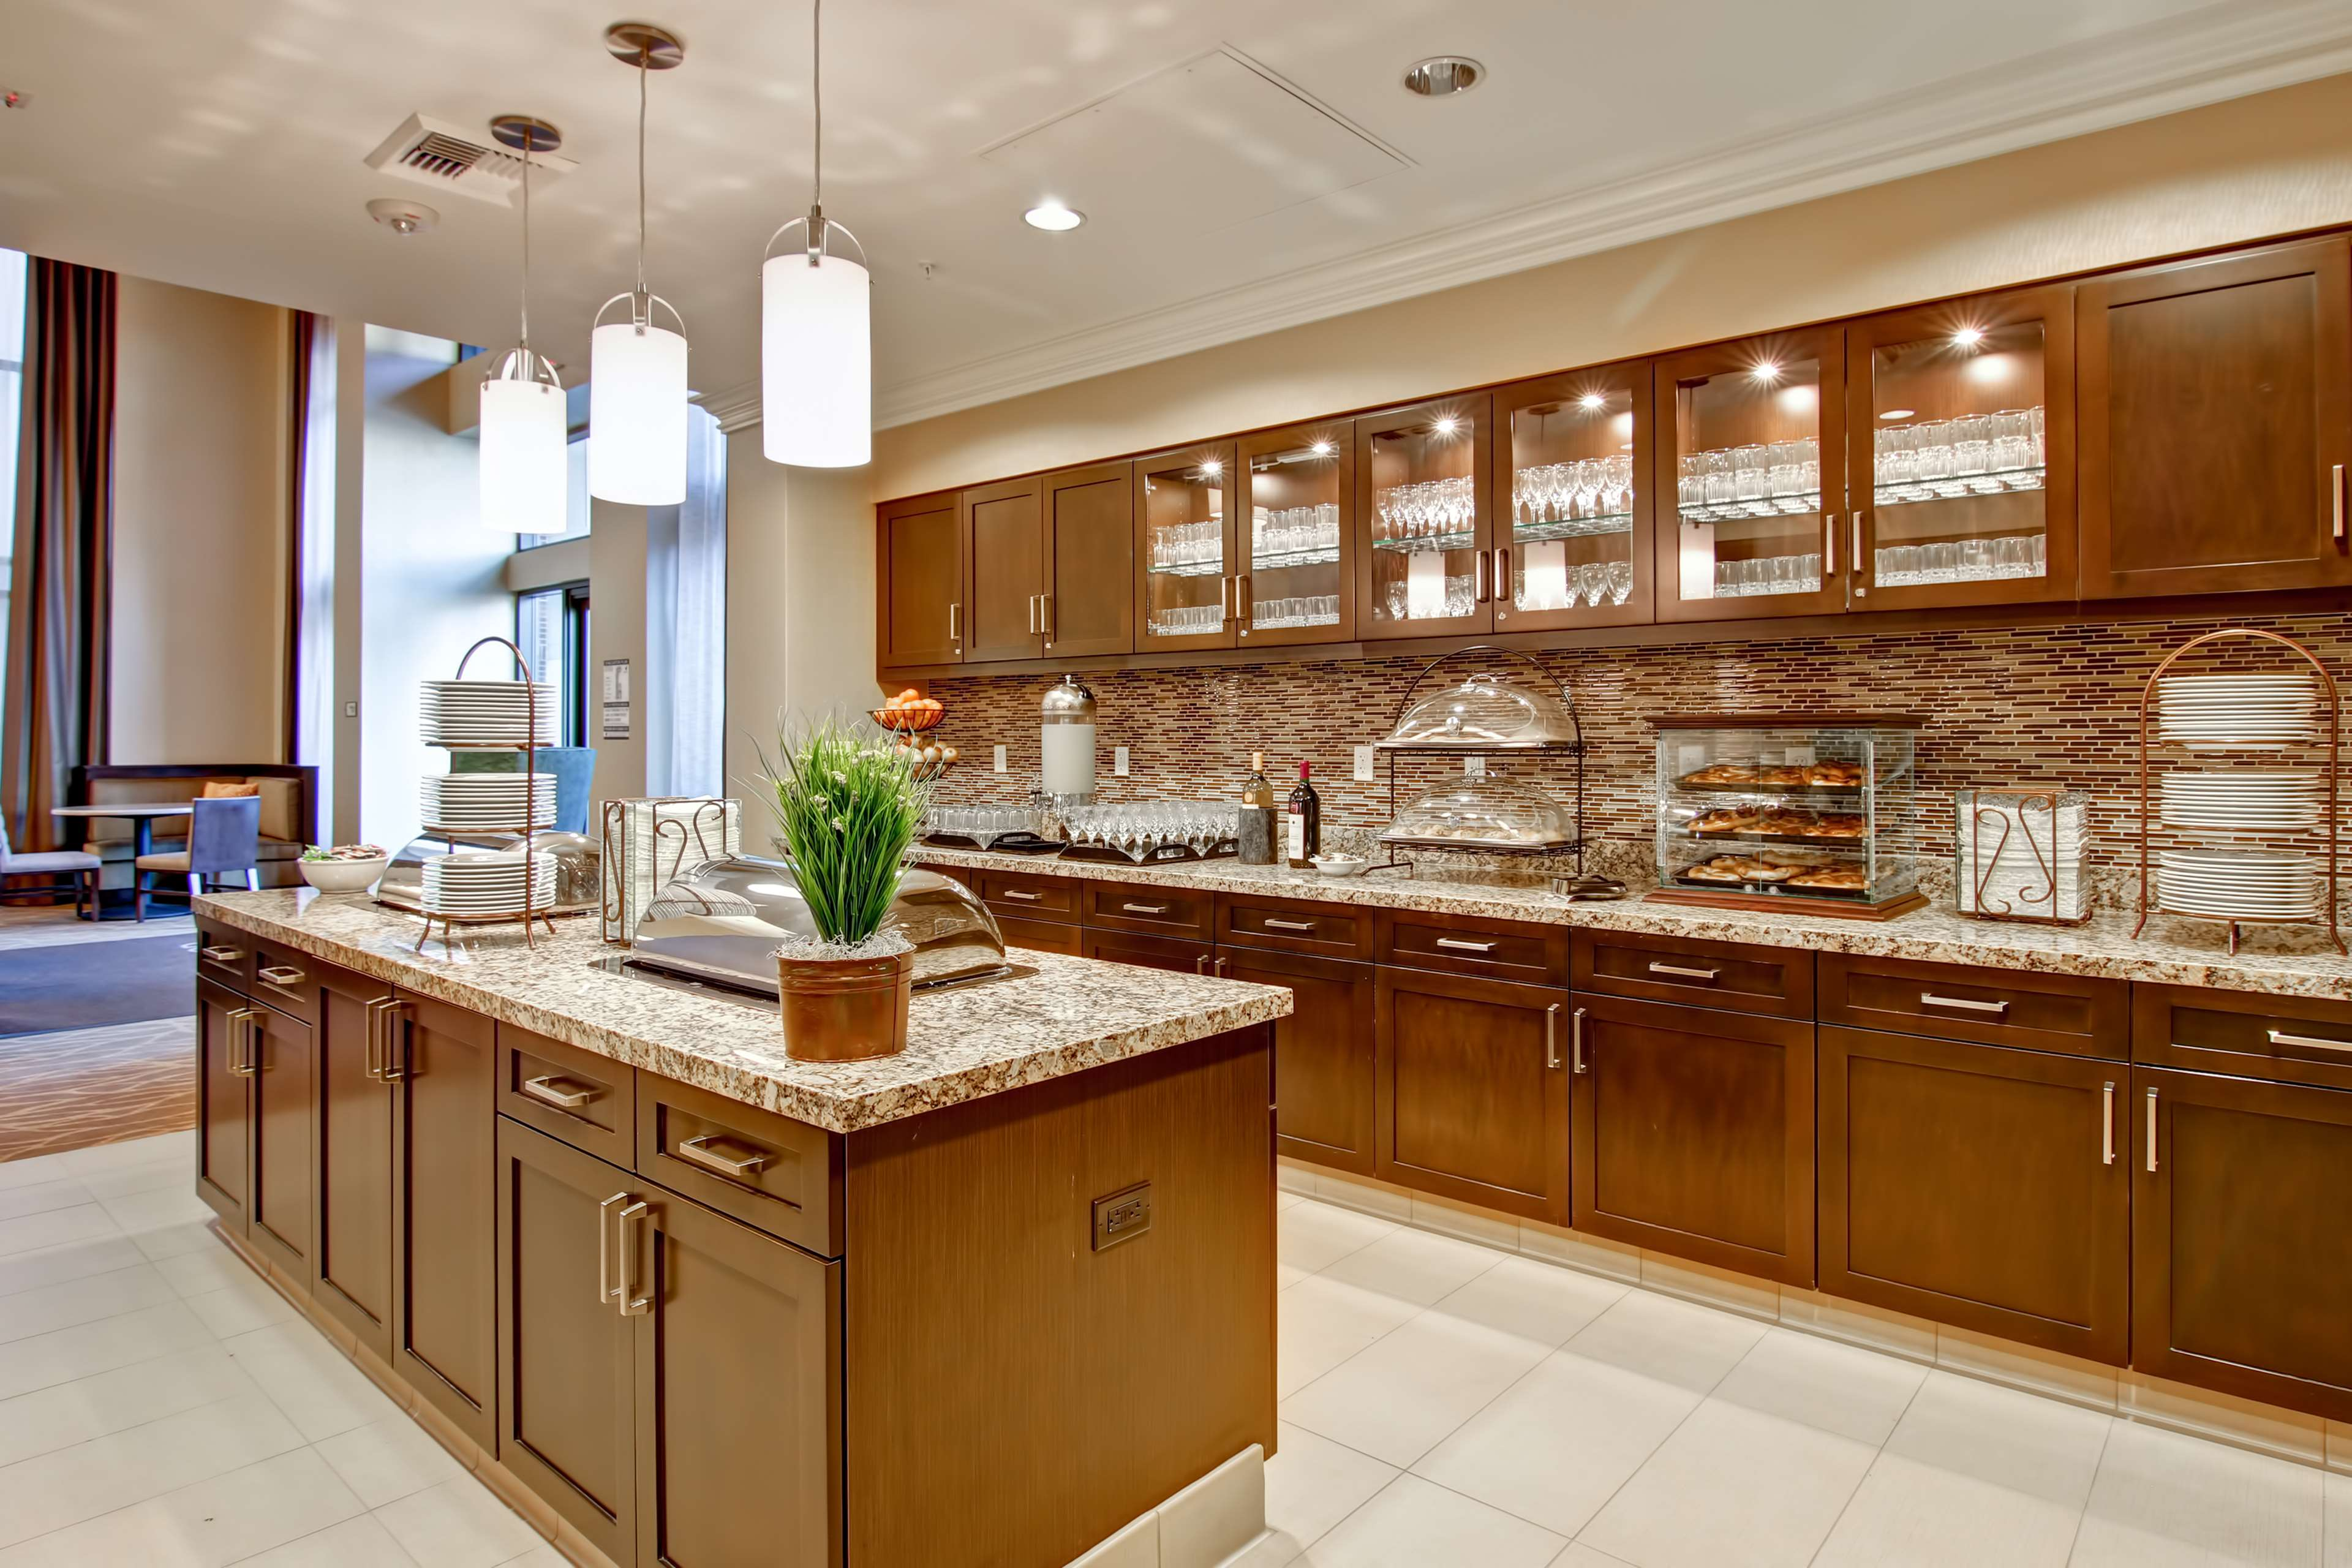 Homewood Suites by Hilton Palo Alto image 13